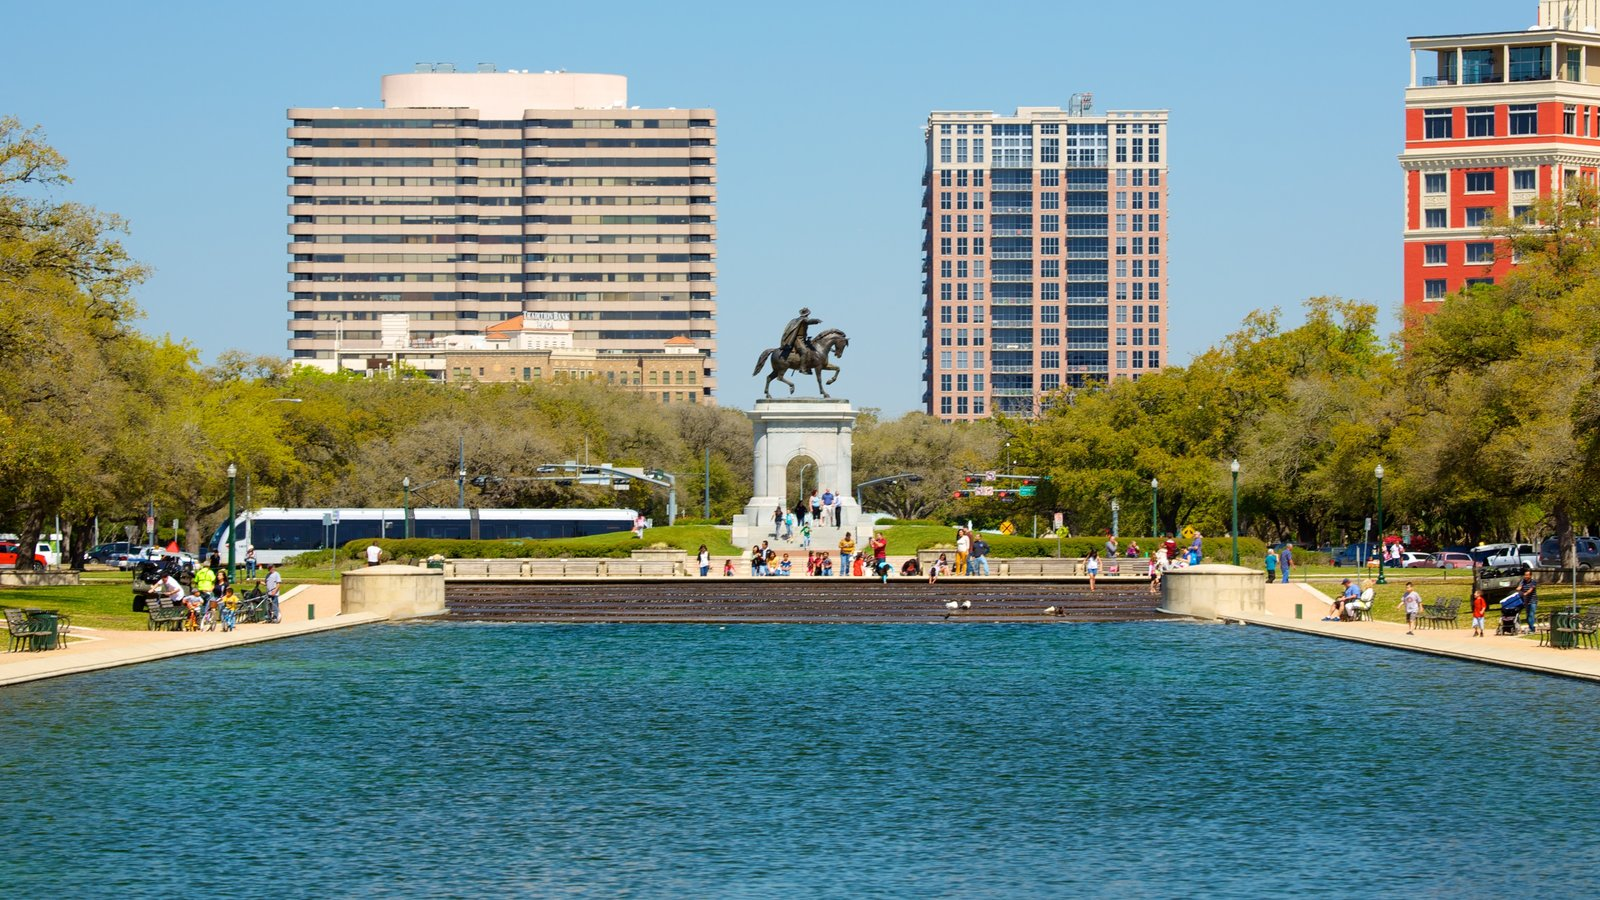 Hermann Park que inclui uma cidade, um lago ou charco e um parque